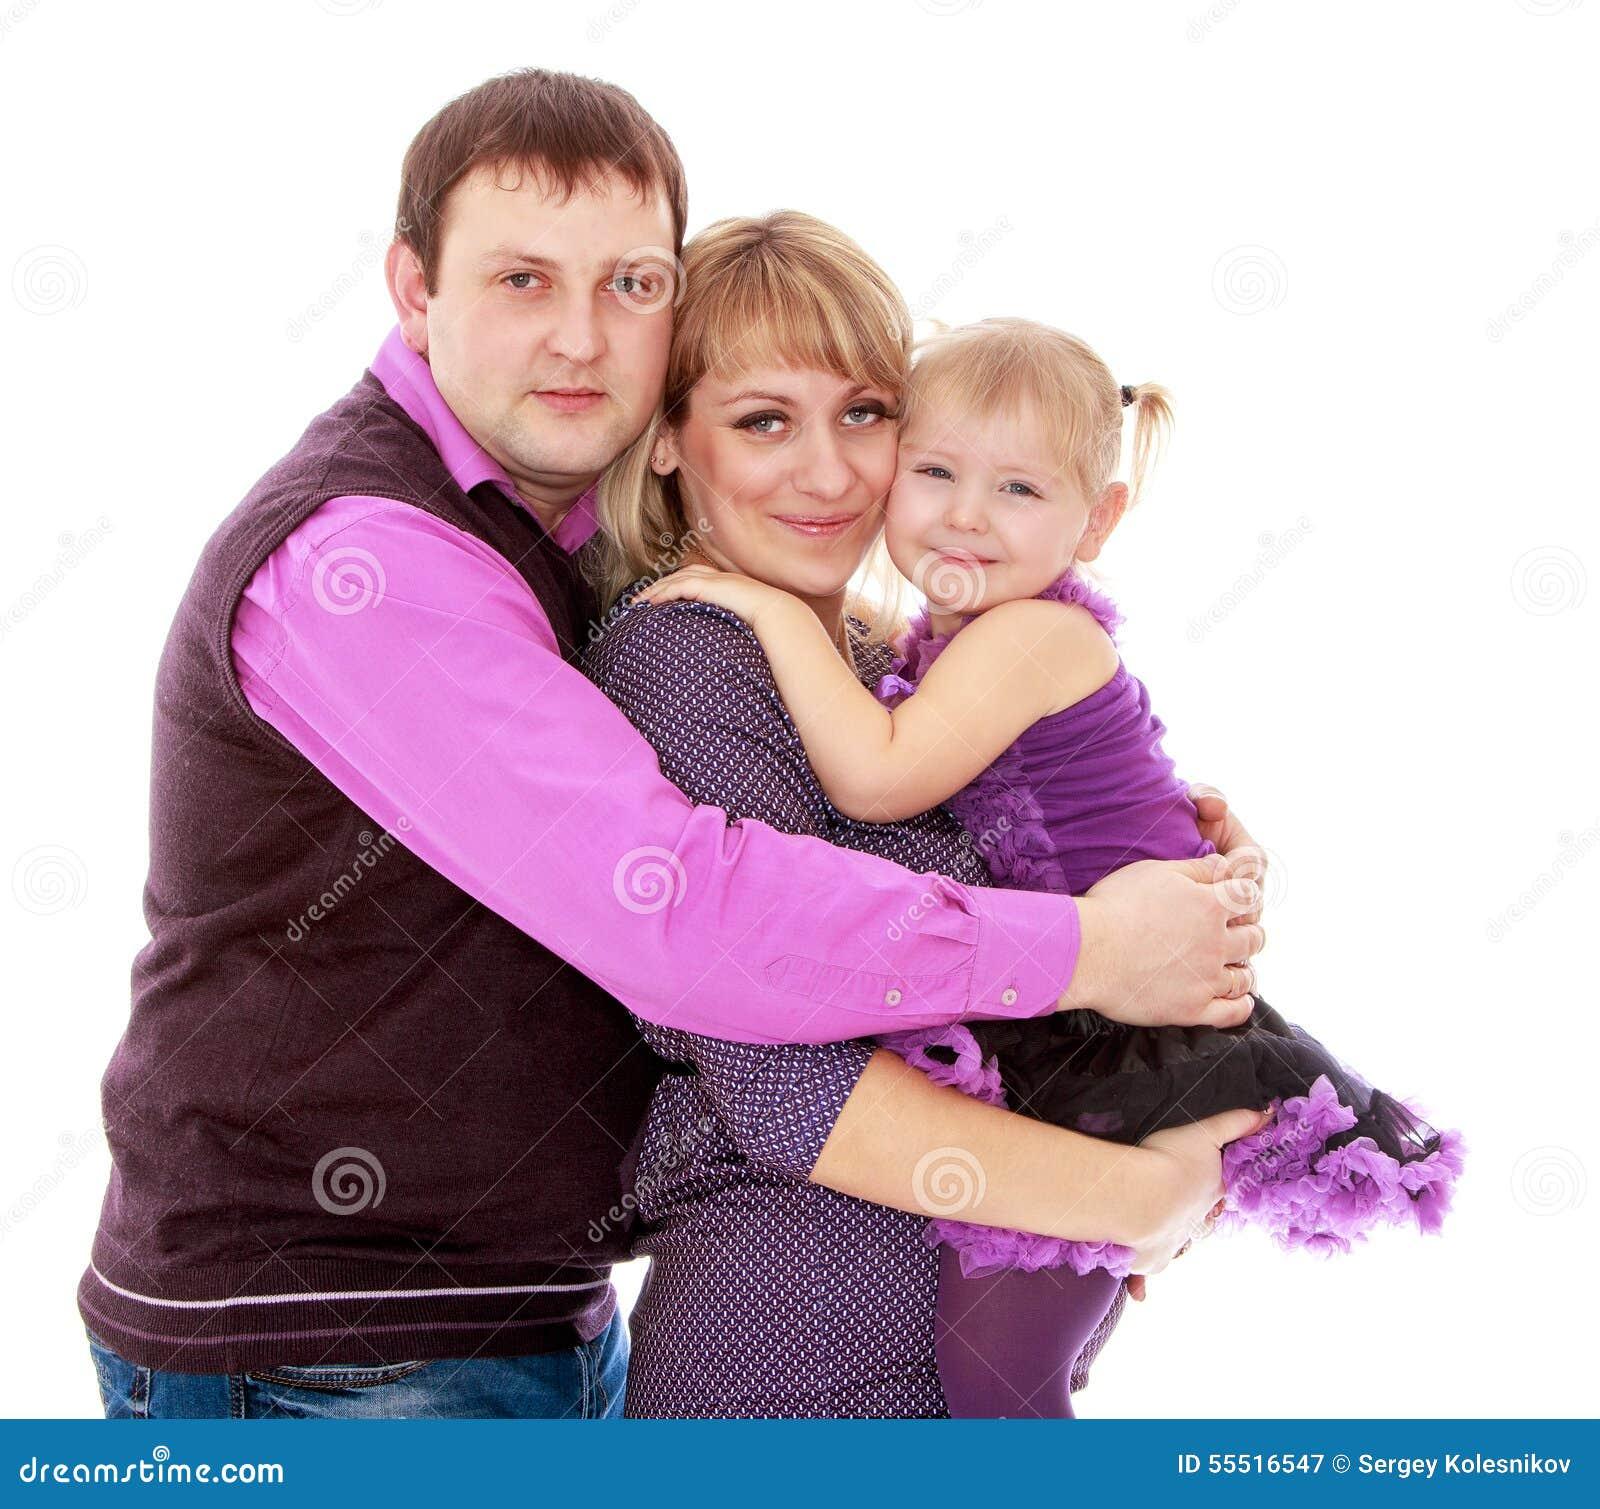 to Daughter dad handjob gives